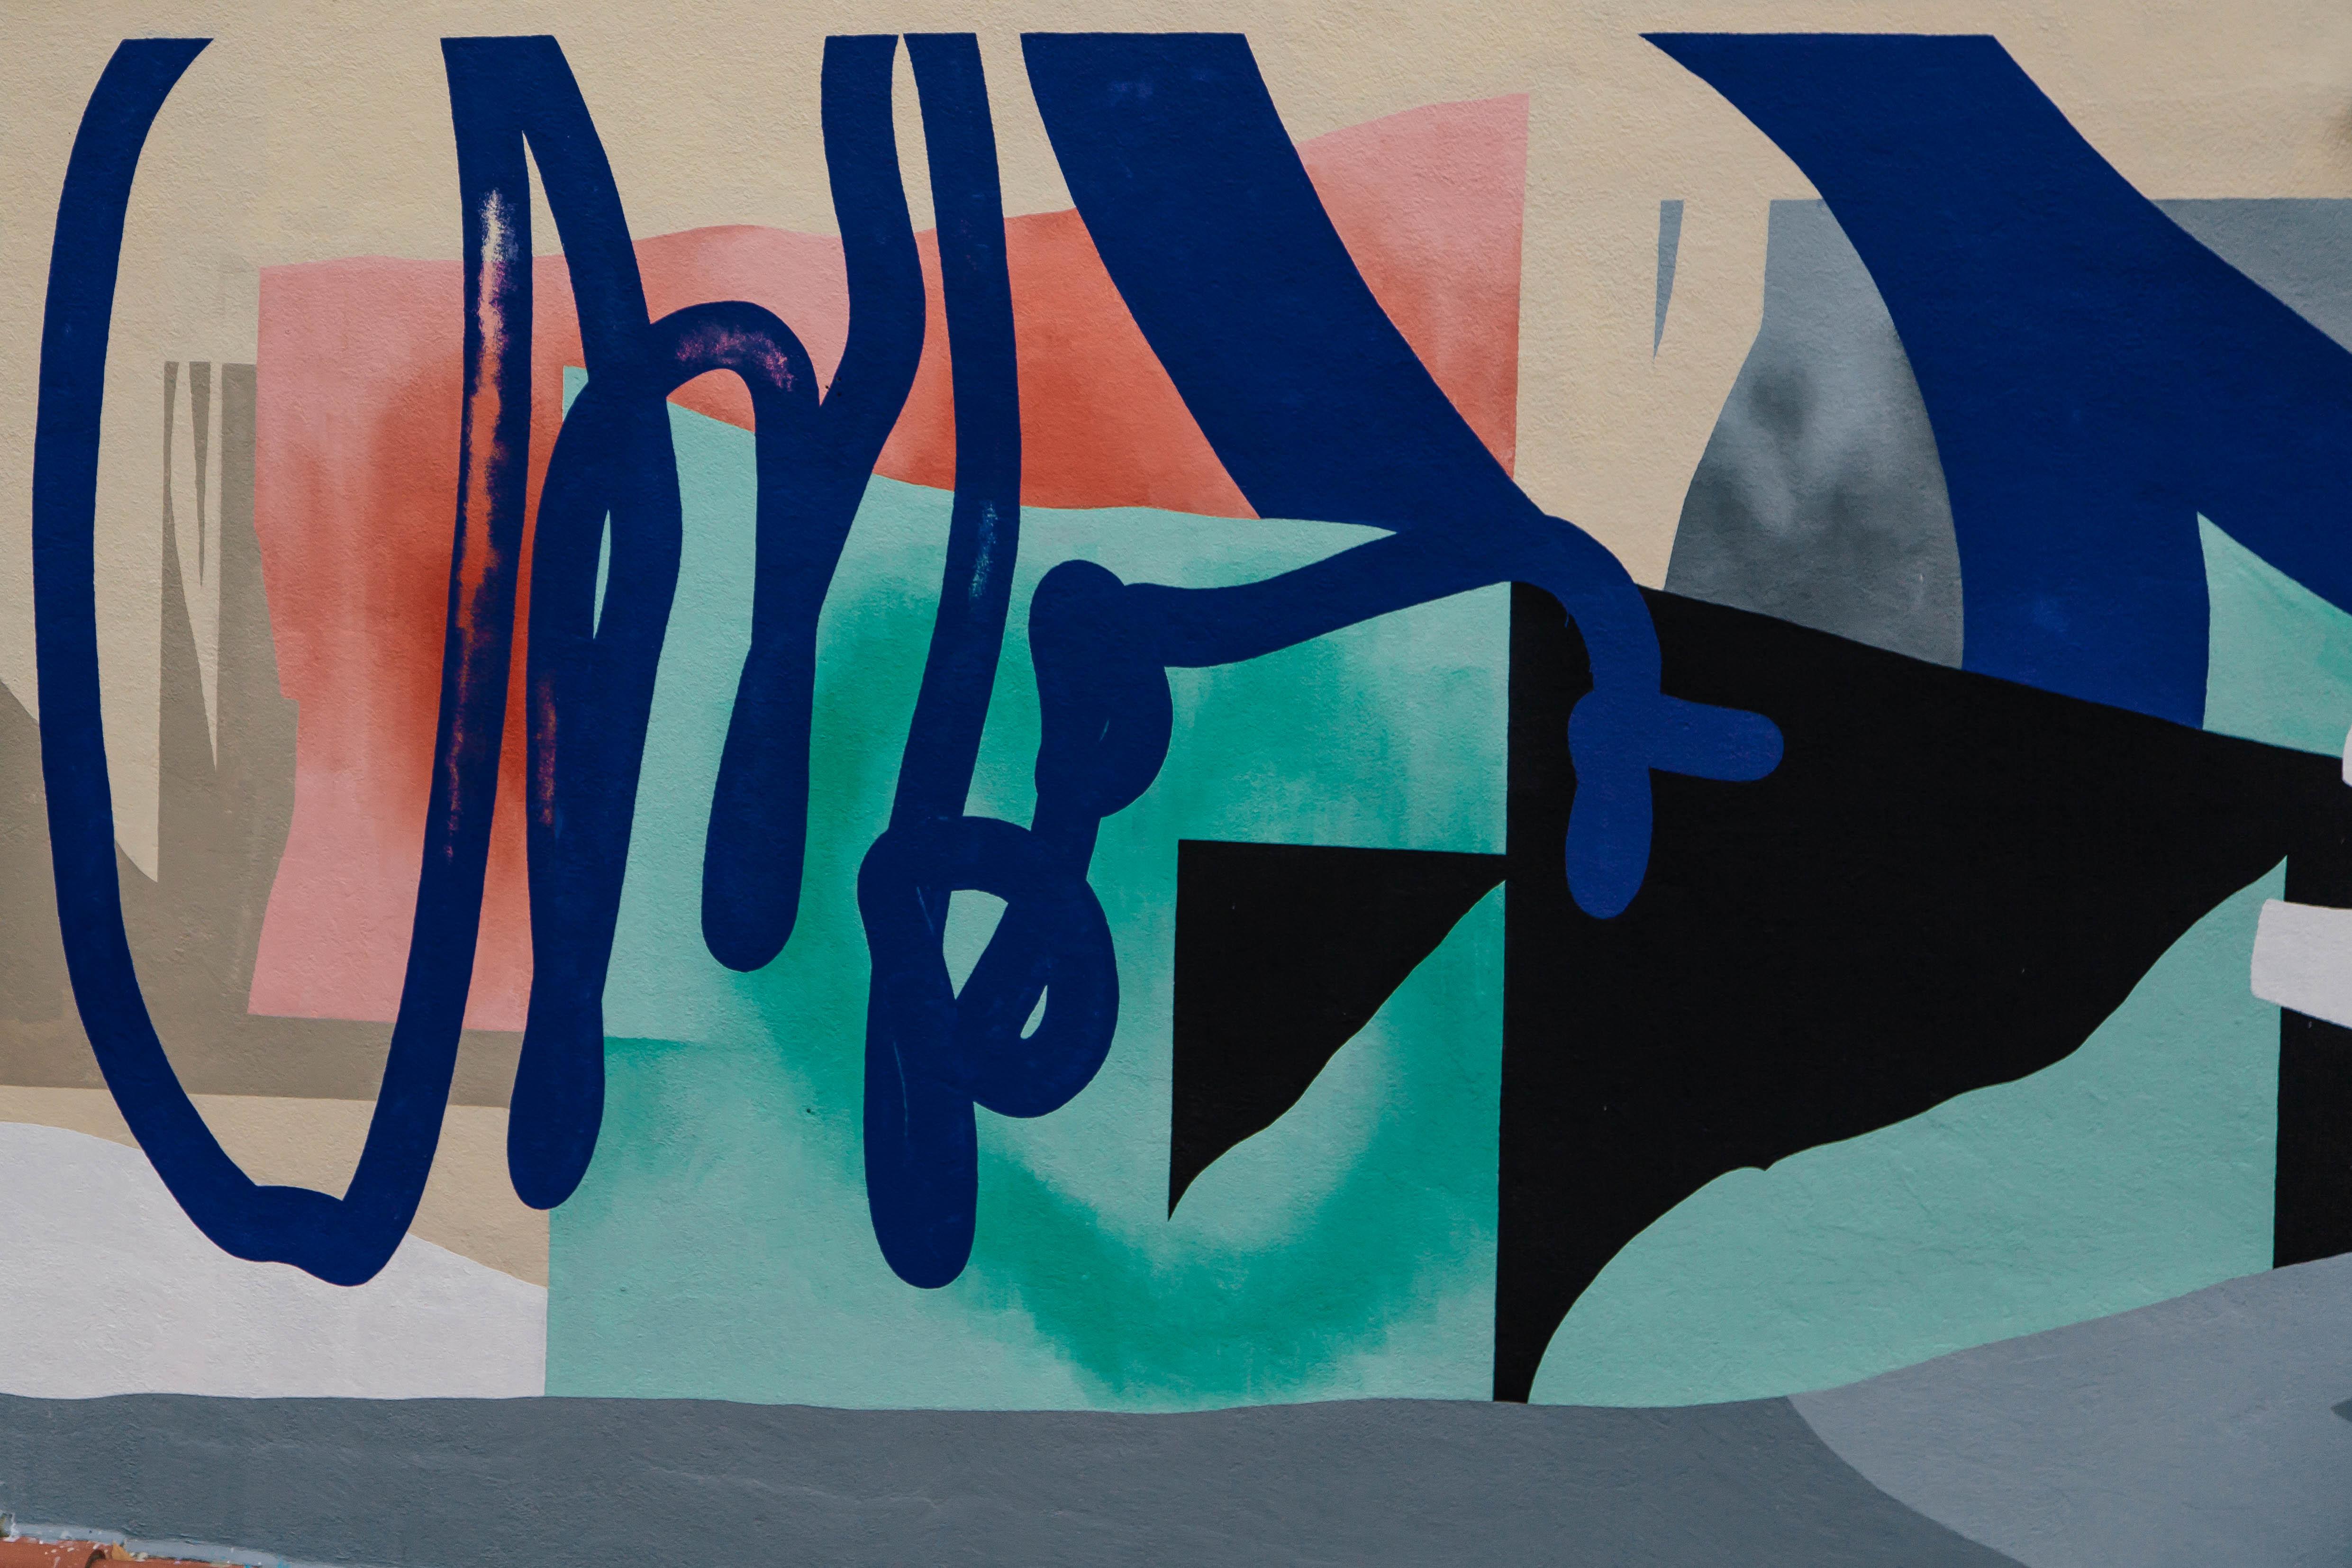 Blo new mural in Perpignan, France Artes & contextos D 083A1668